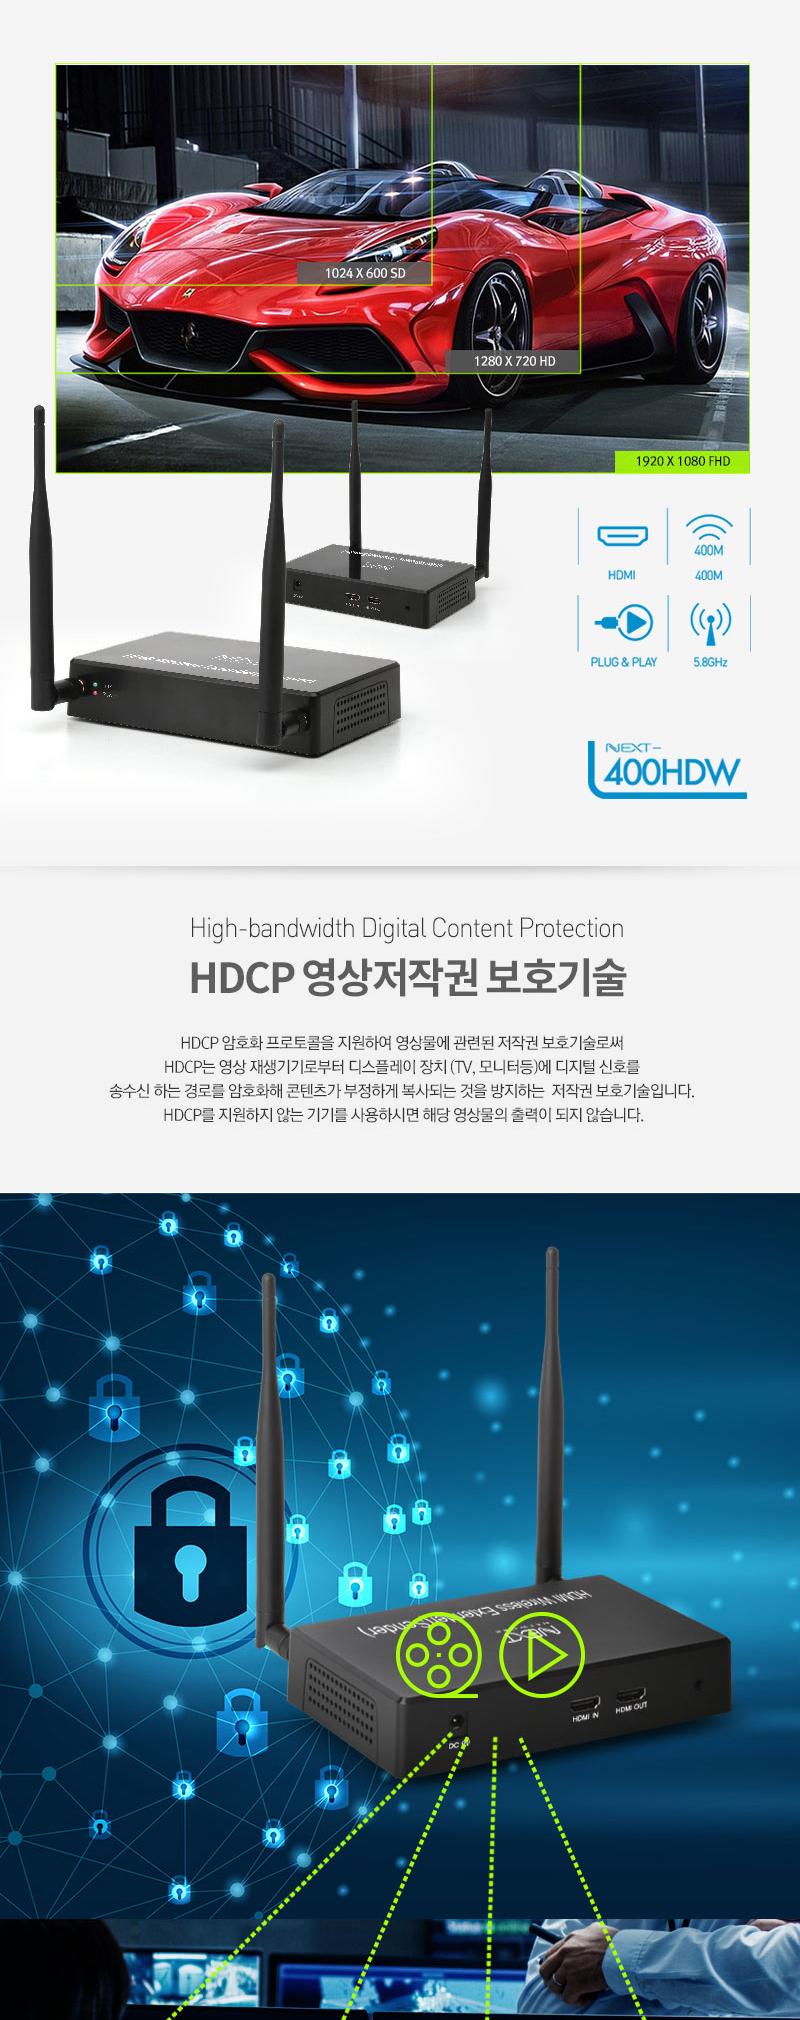 이지넷유비쿼터스  1:4 HDMI 무선 거리 연장기 (NEXT-400HDW)